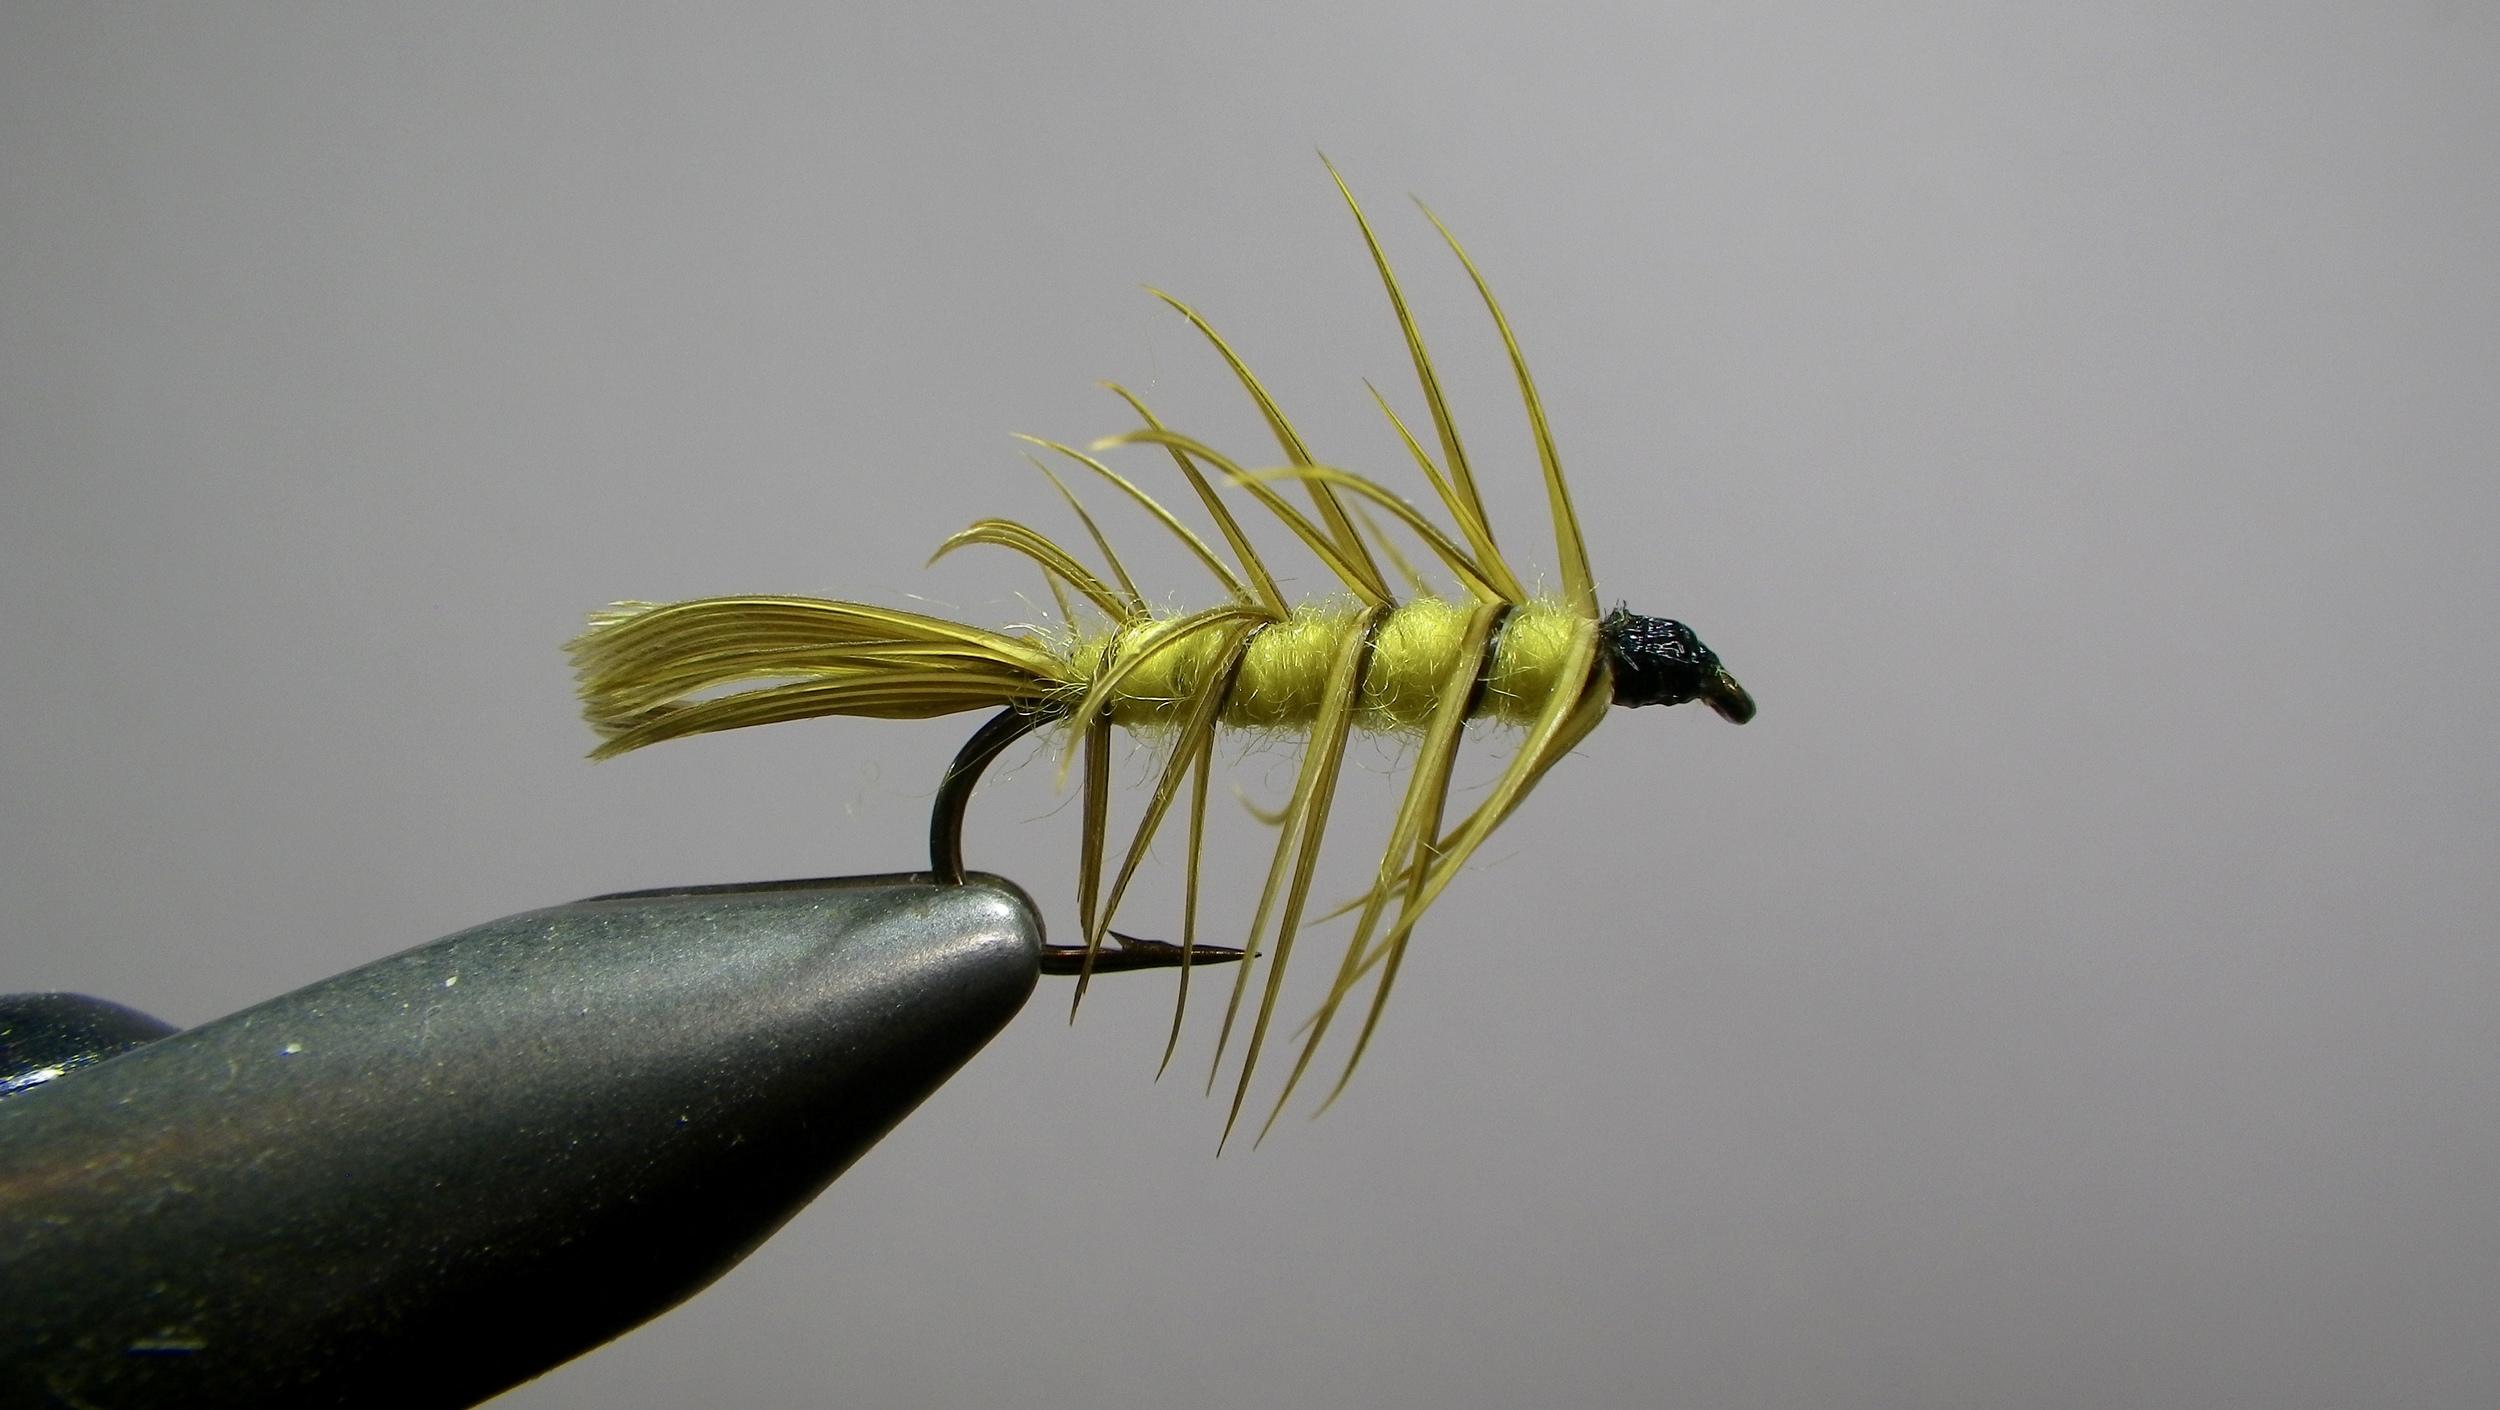 Panfish version of the Yellar Hammar